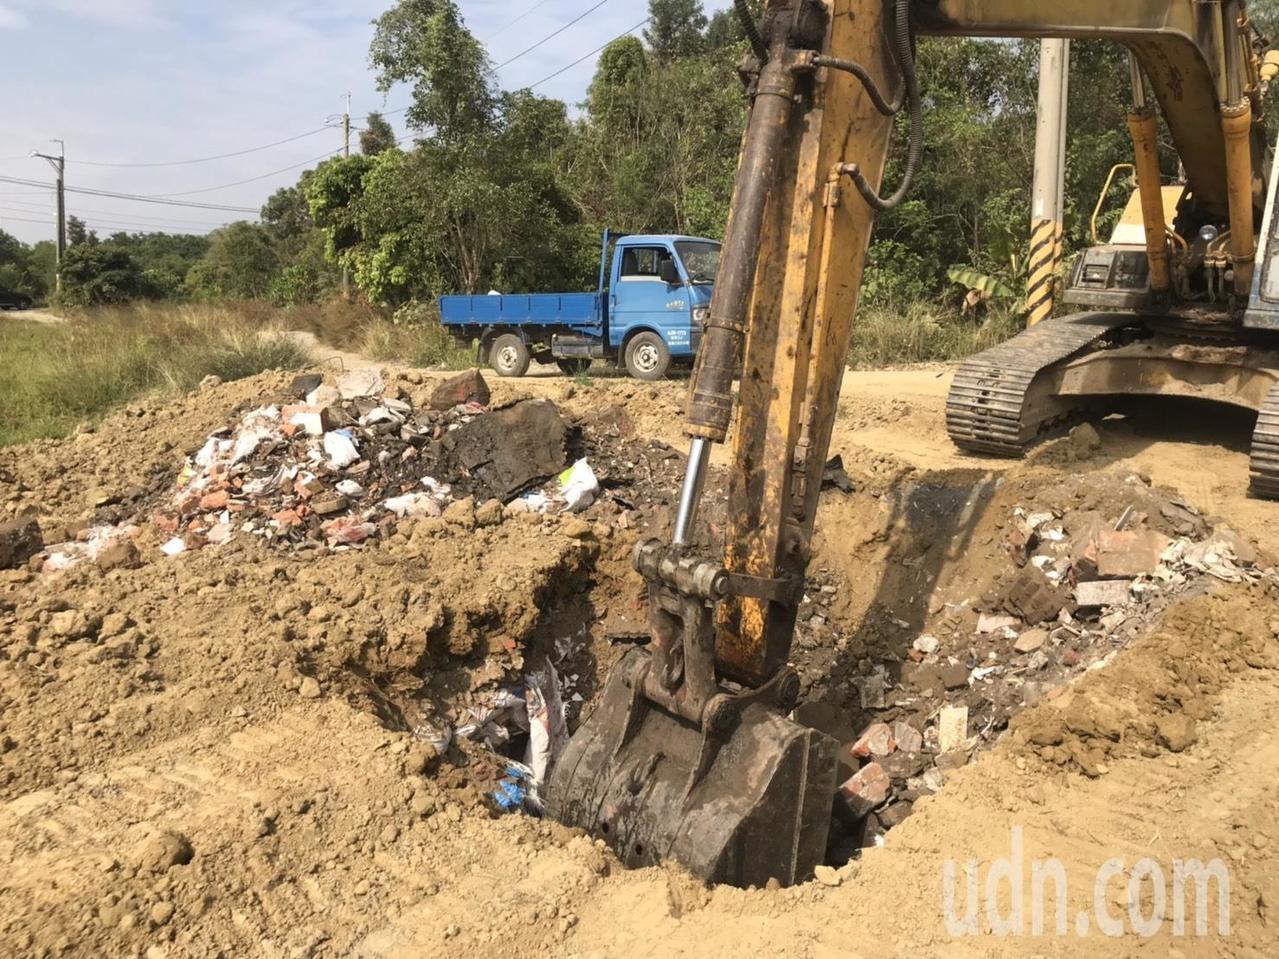 挖土機挖不到一米深,即看見許多磚塊、麻布袋、玻璃瓶等物品,研判是建築廢棄物。記者黃晴雯/攝影